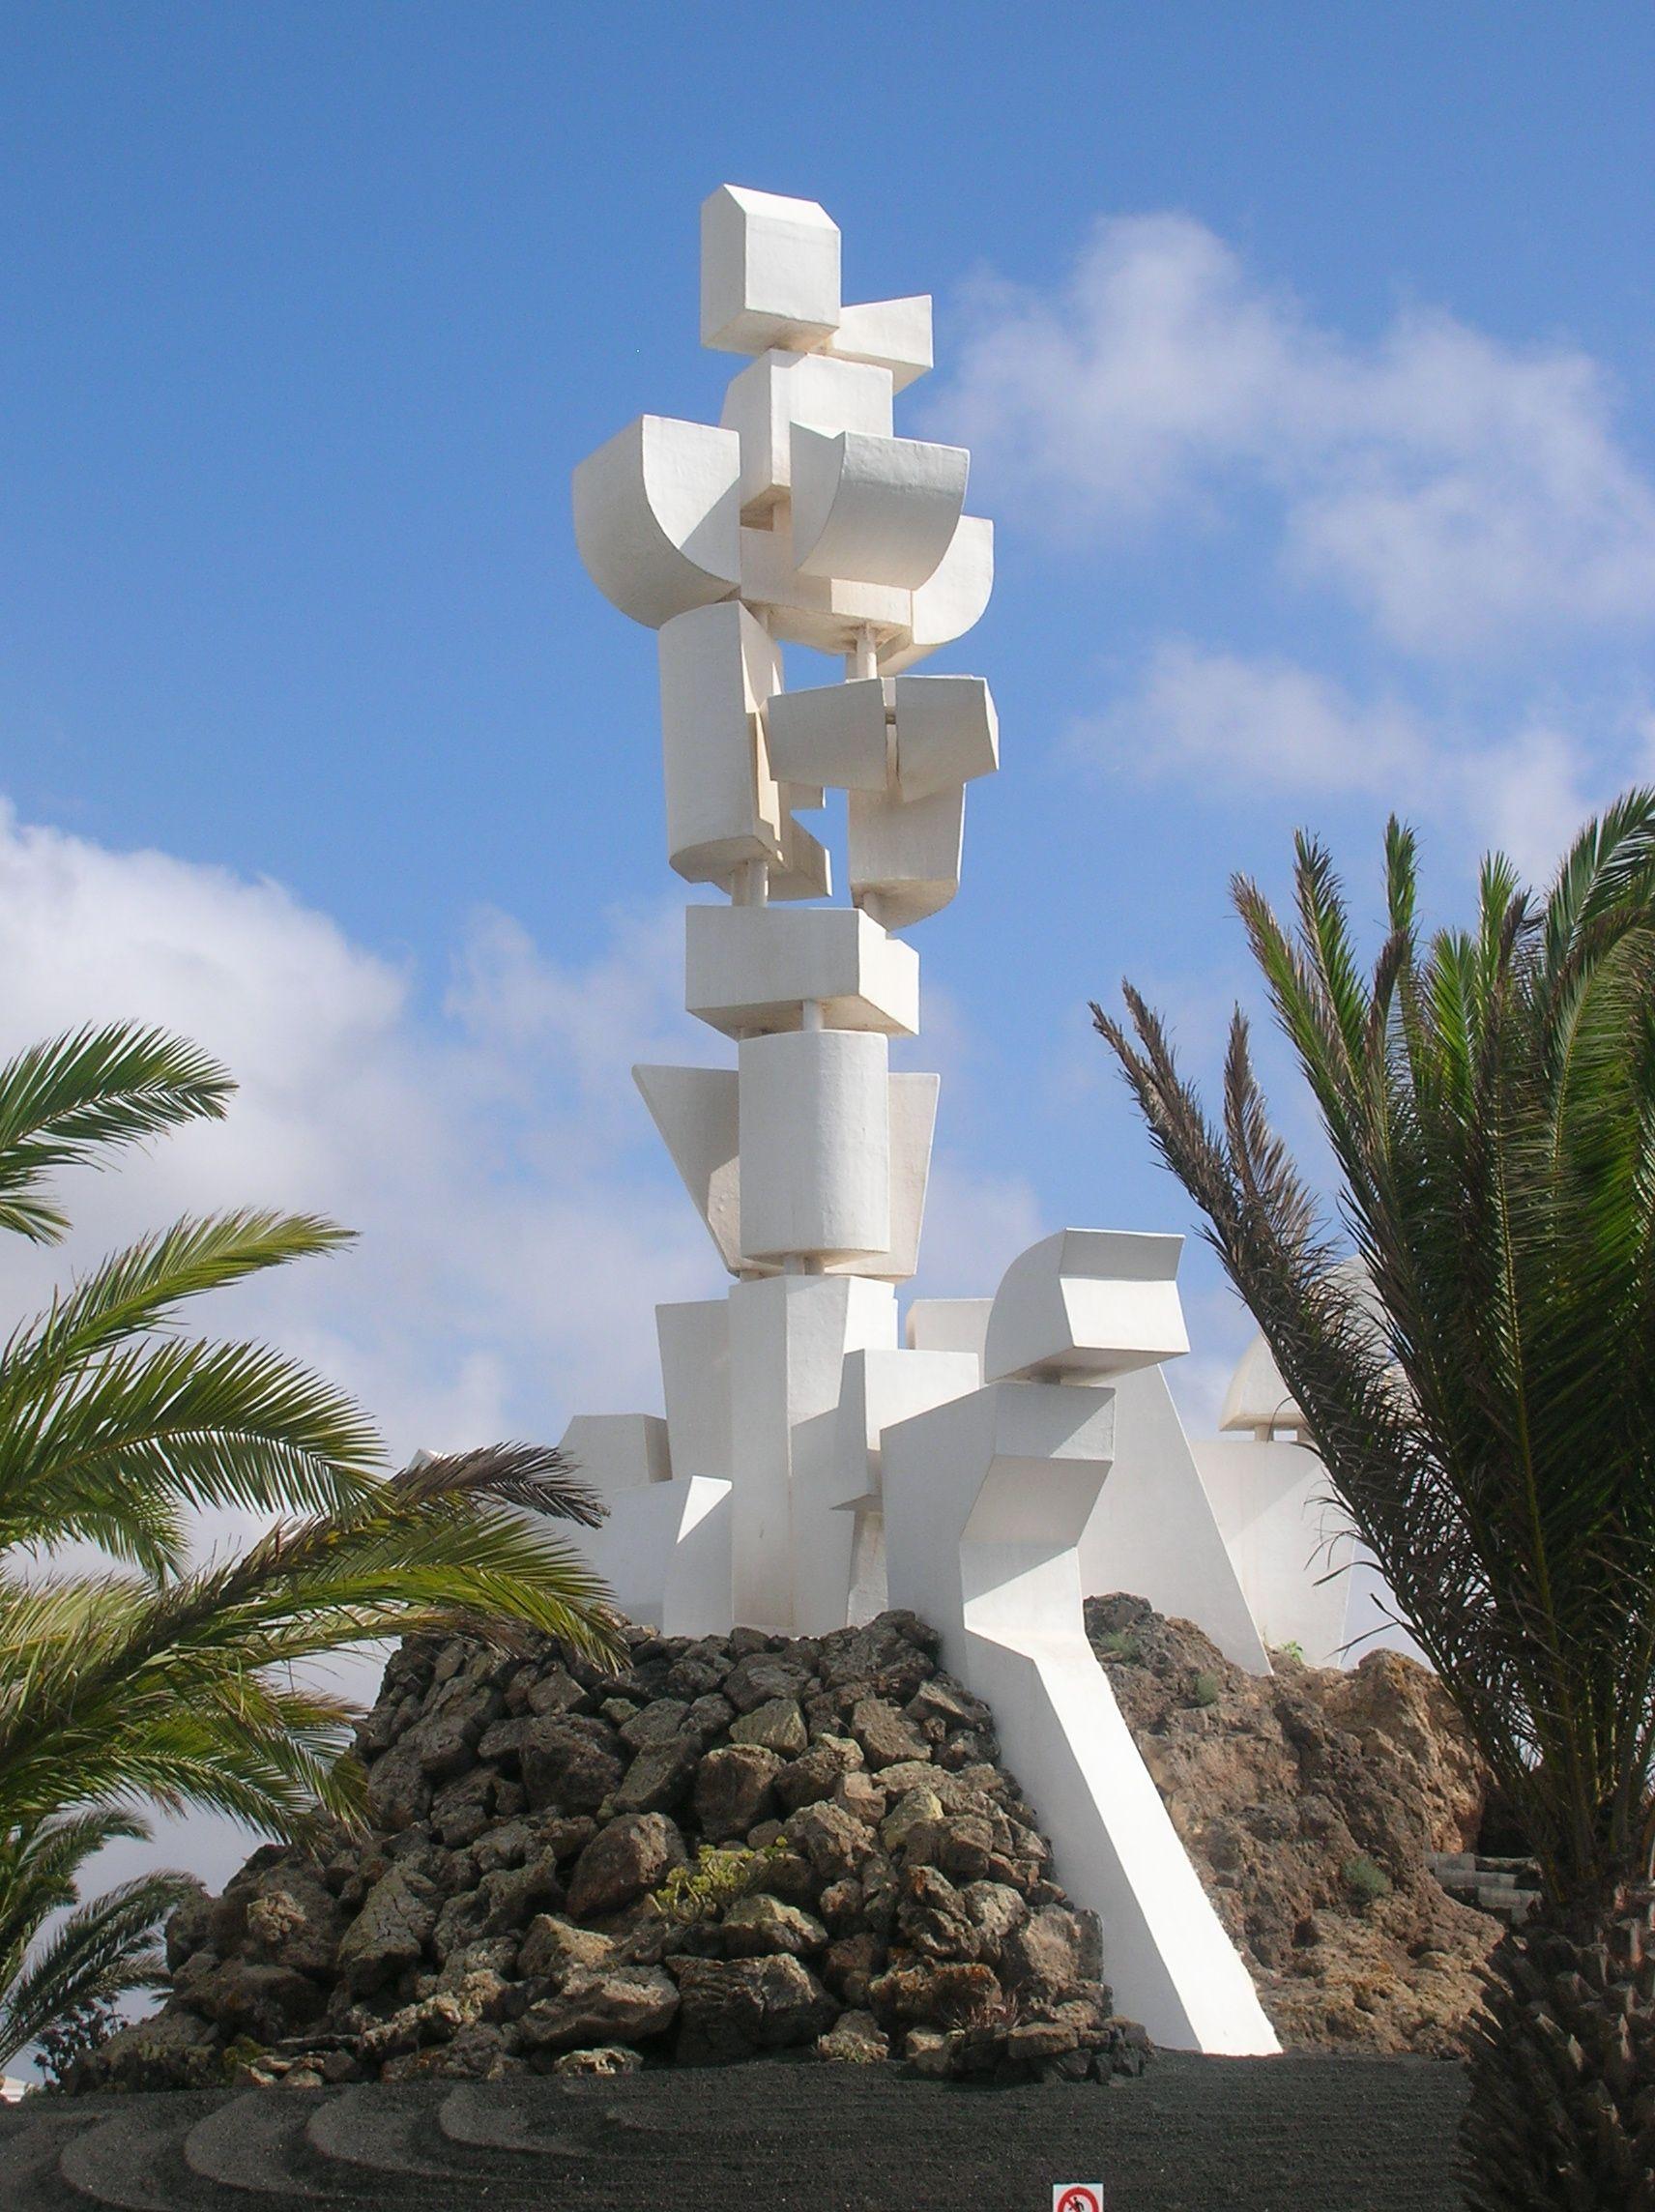 Fecundidad (Fertility). A sculpture / monument by Cesar